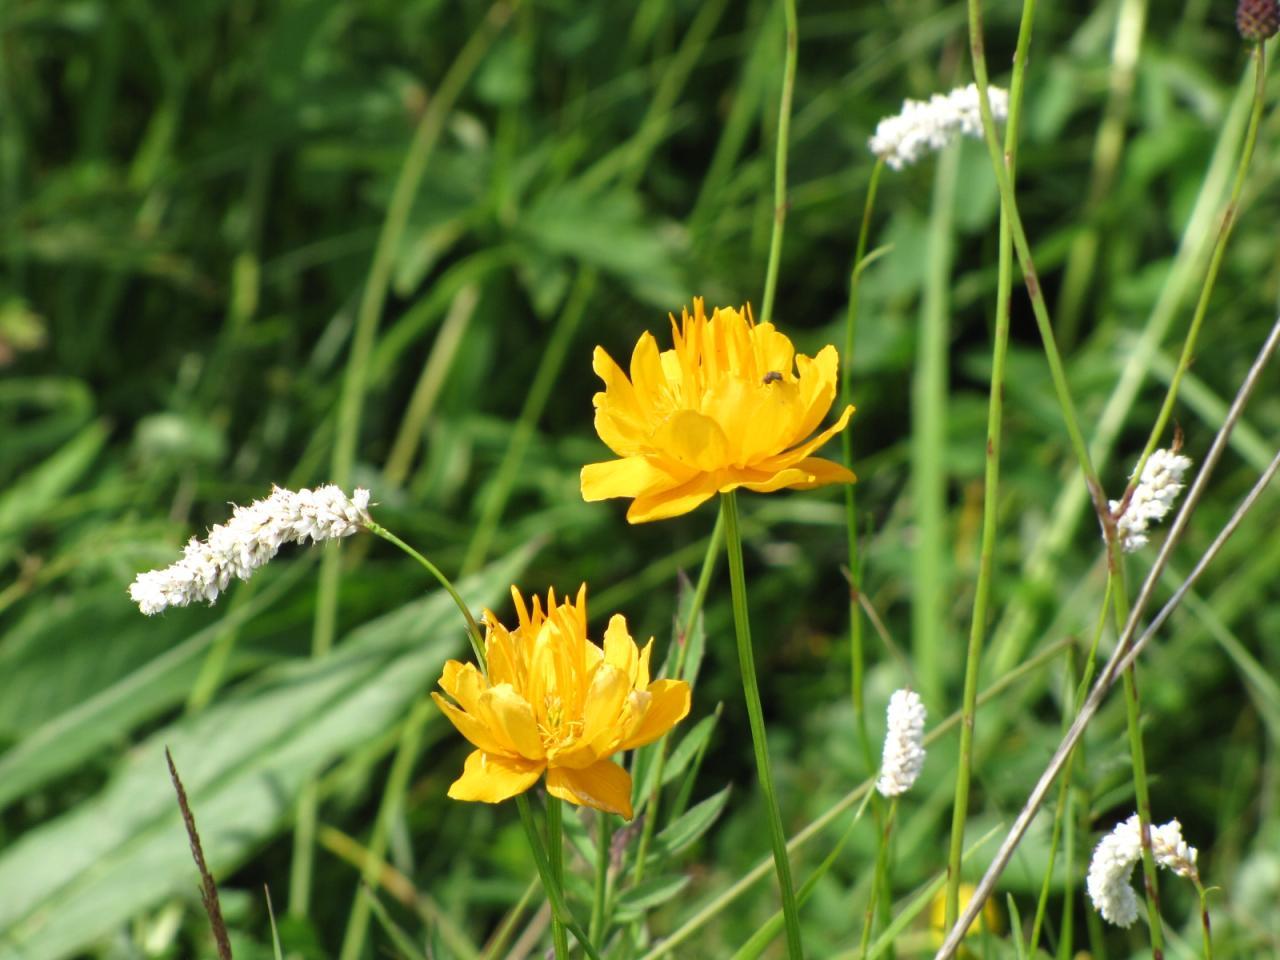 鄂尔多斯大草原图片